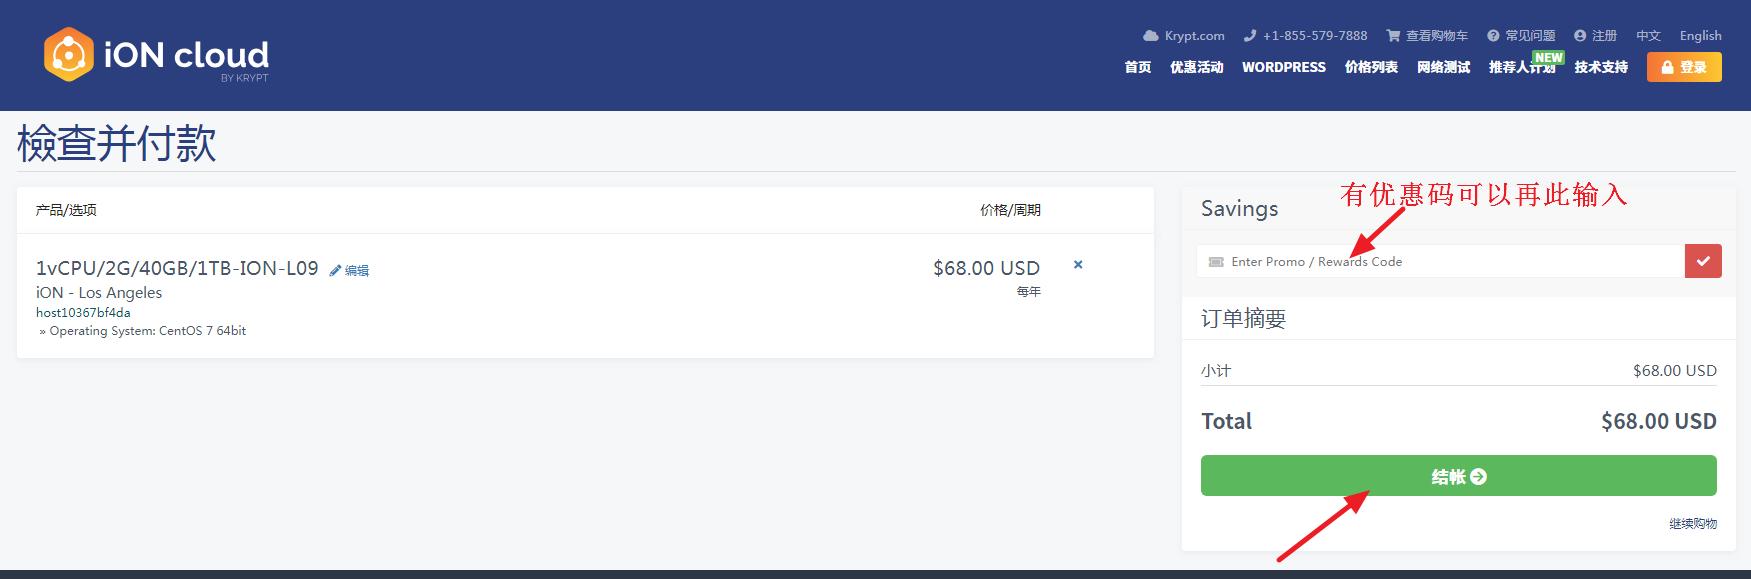 iON方案确认和支付页面